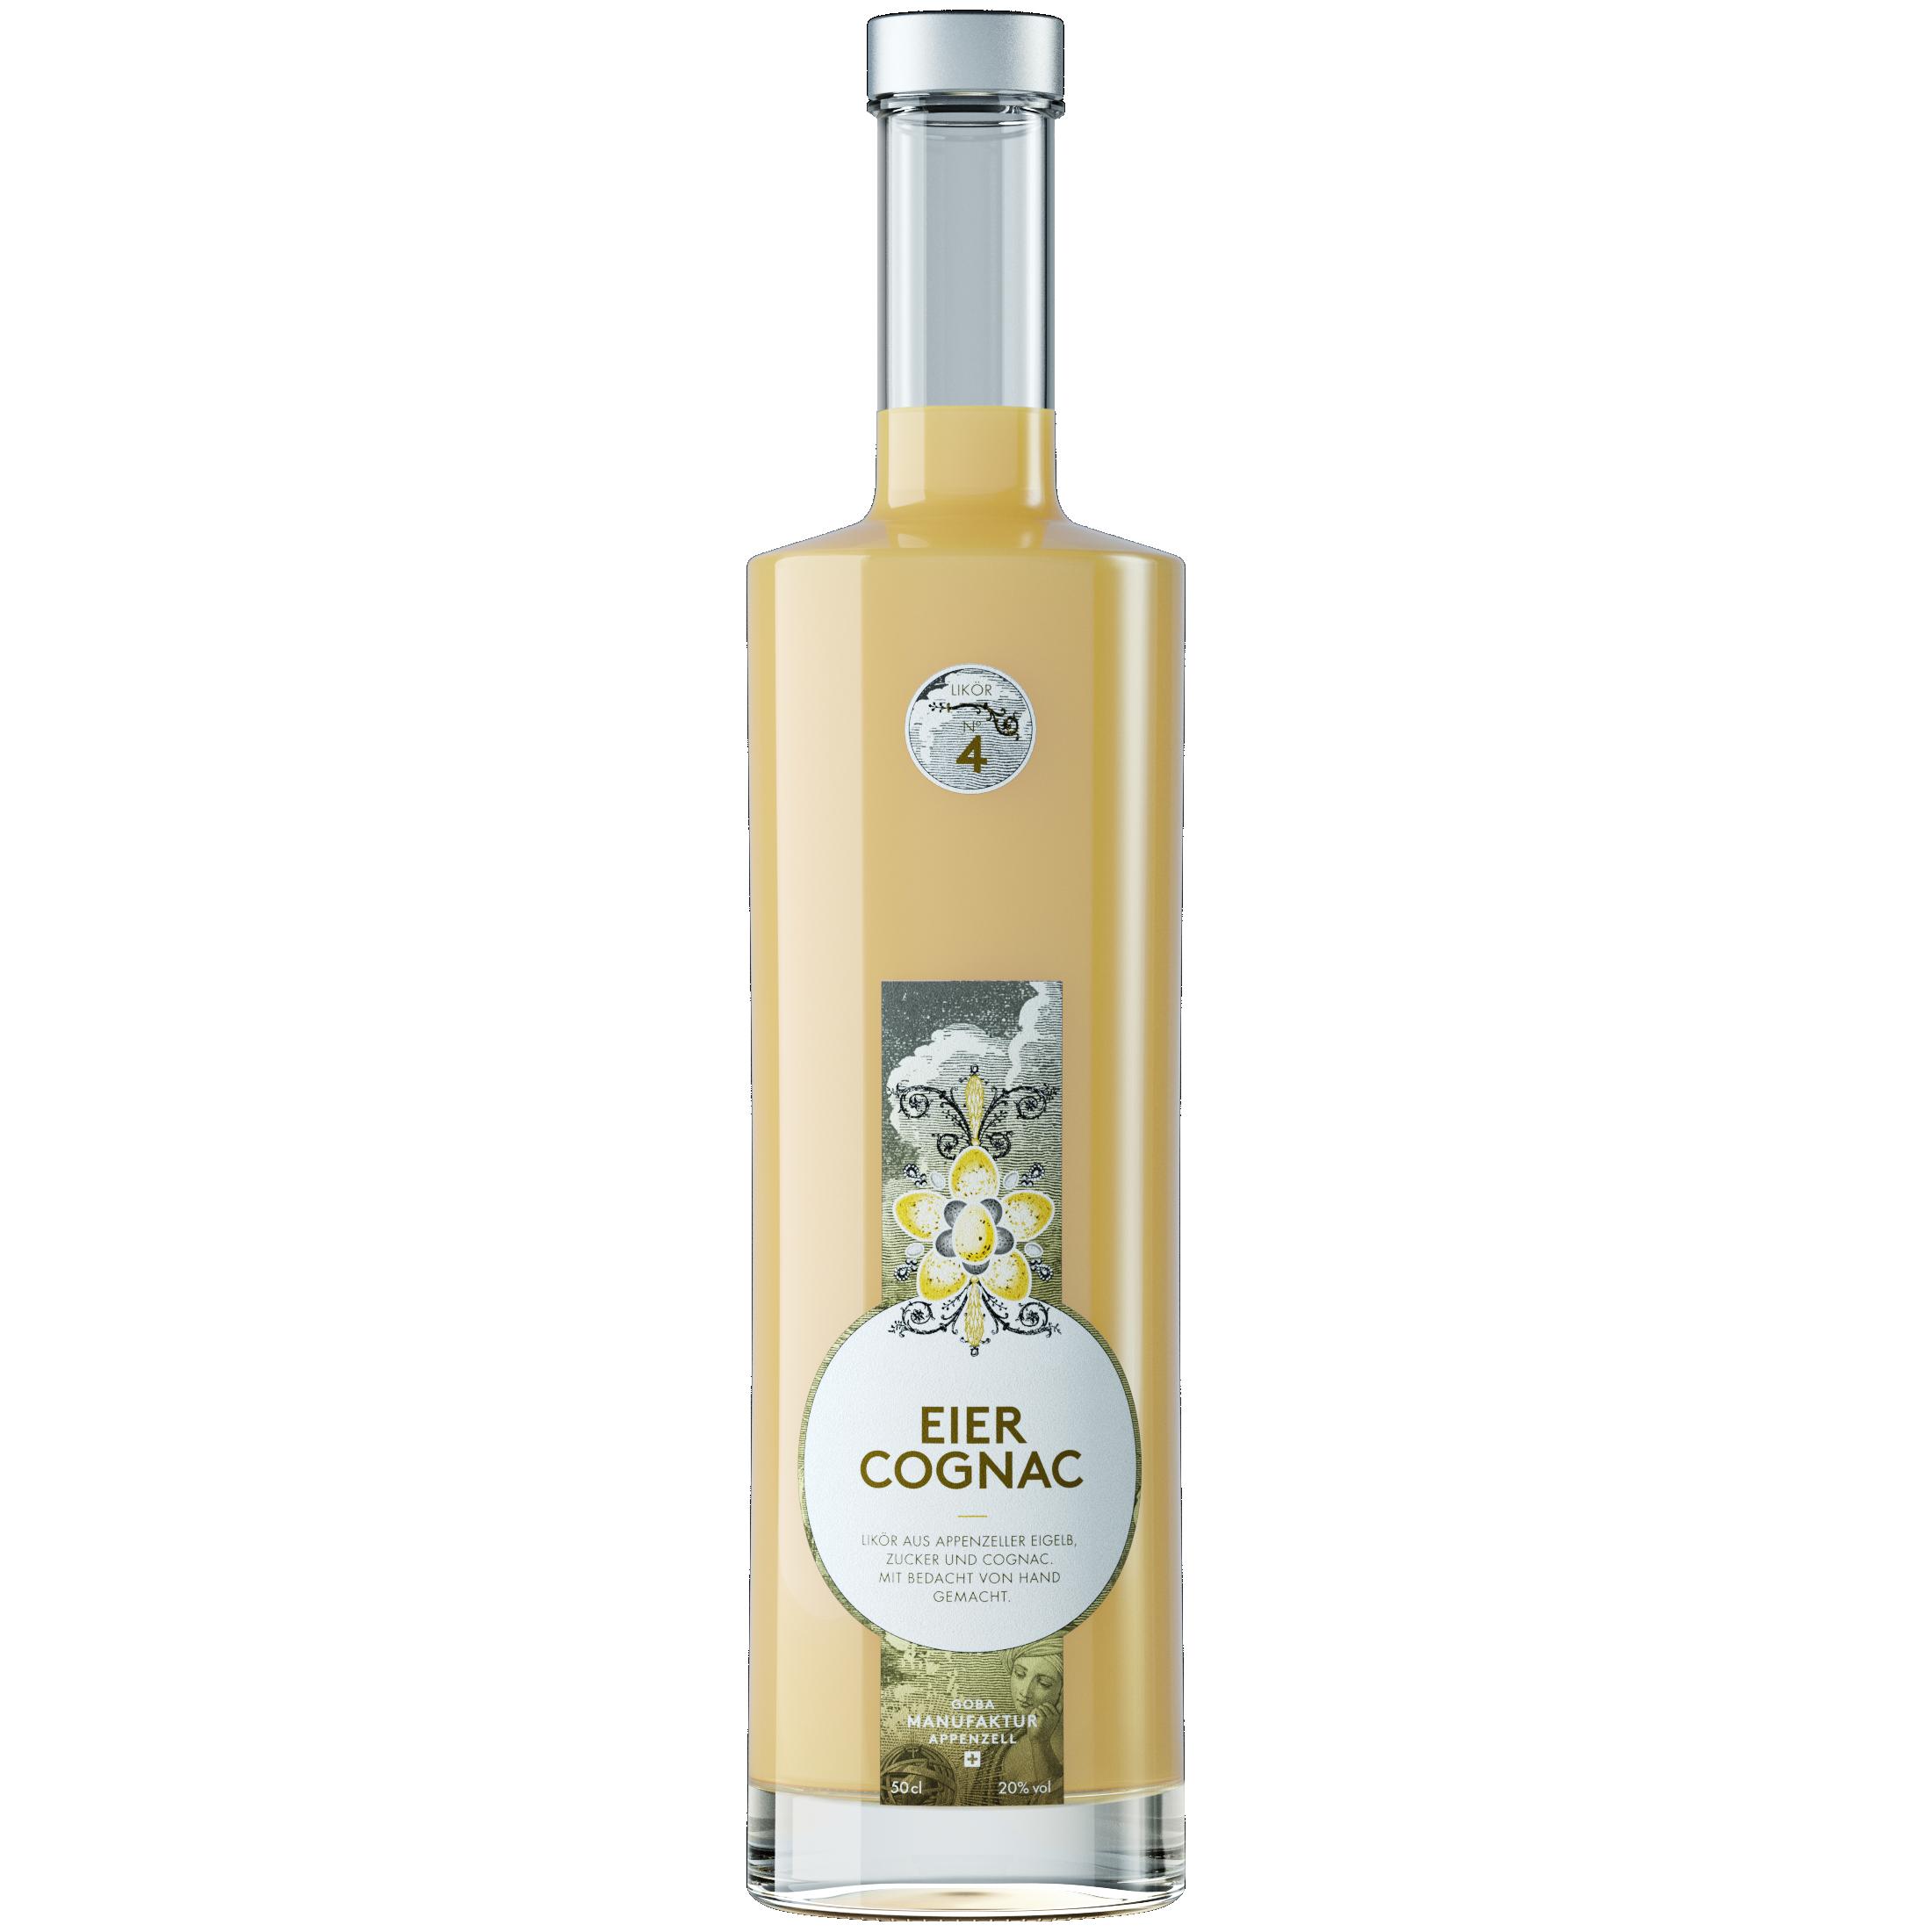 No. 4 Eier Cognac Likör